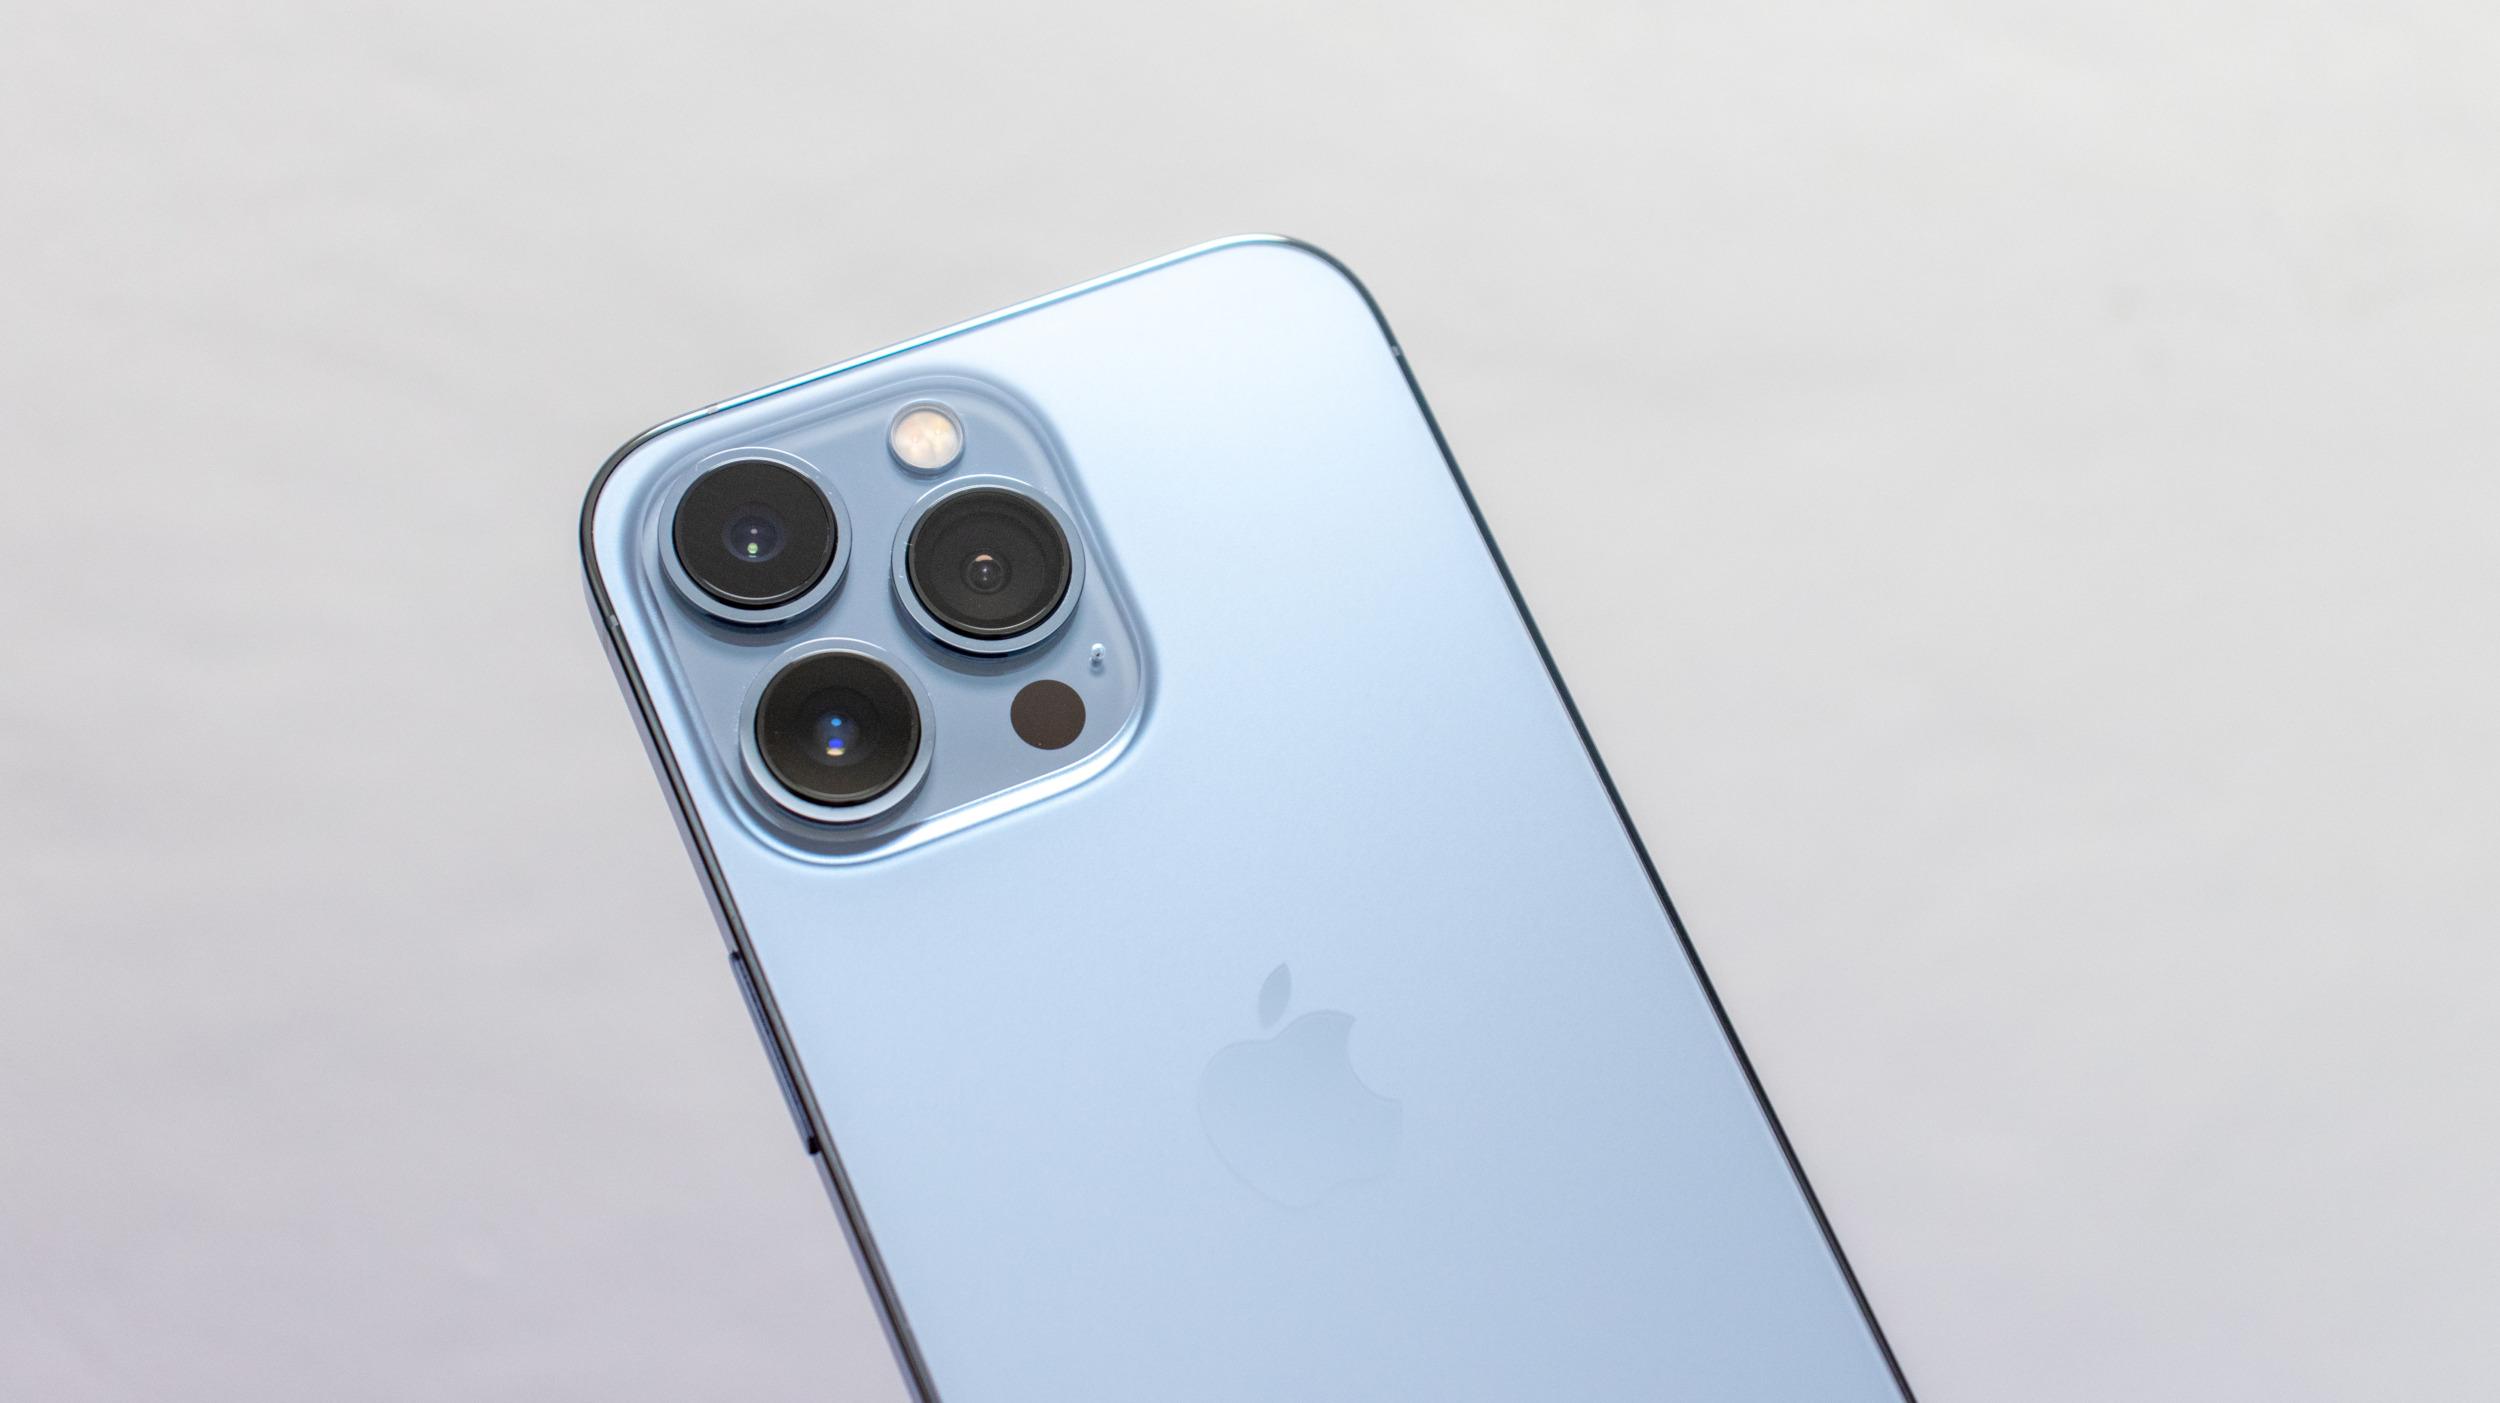 Náklady na výrobu iPhonu 13 Pro se oproti loňskému modelu zvýšily o 4 %, cena je ale nižší